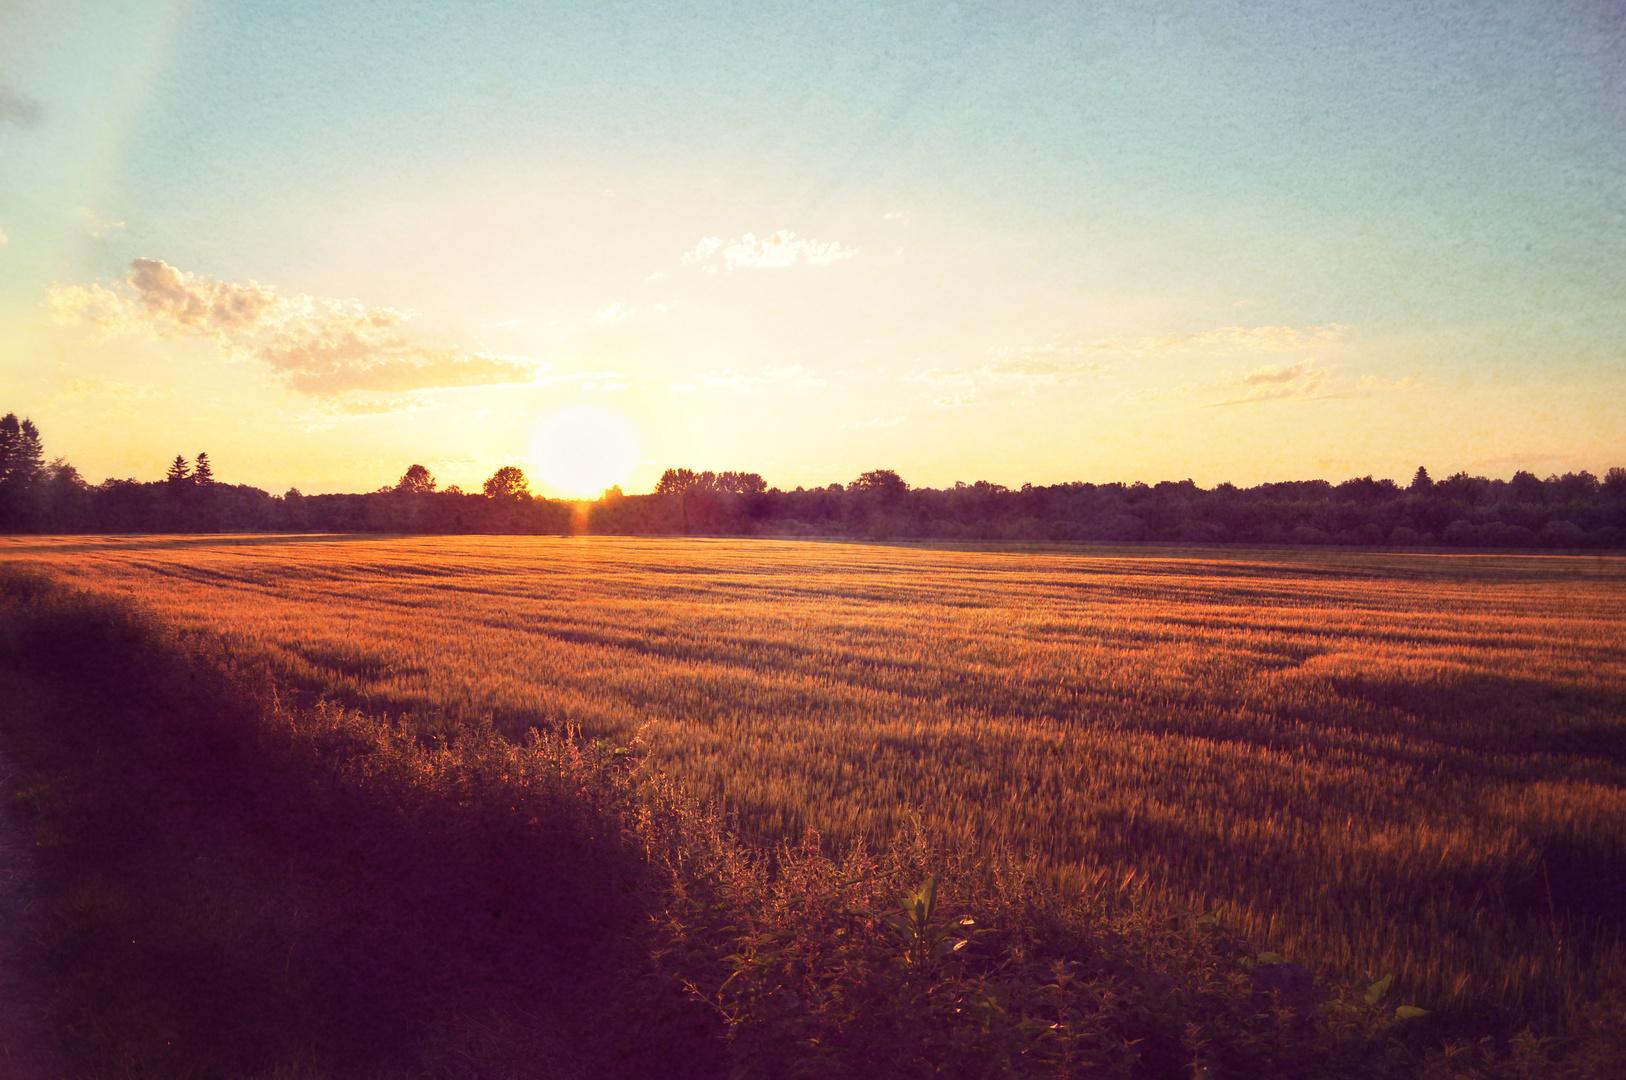 ...Sonnenuntergang am Felderrand